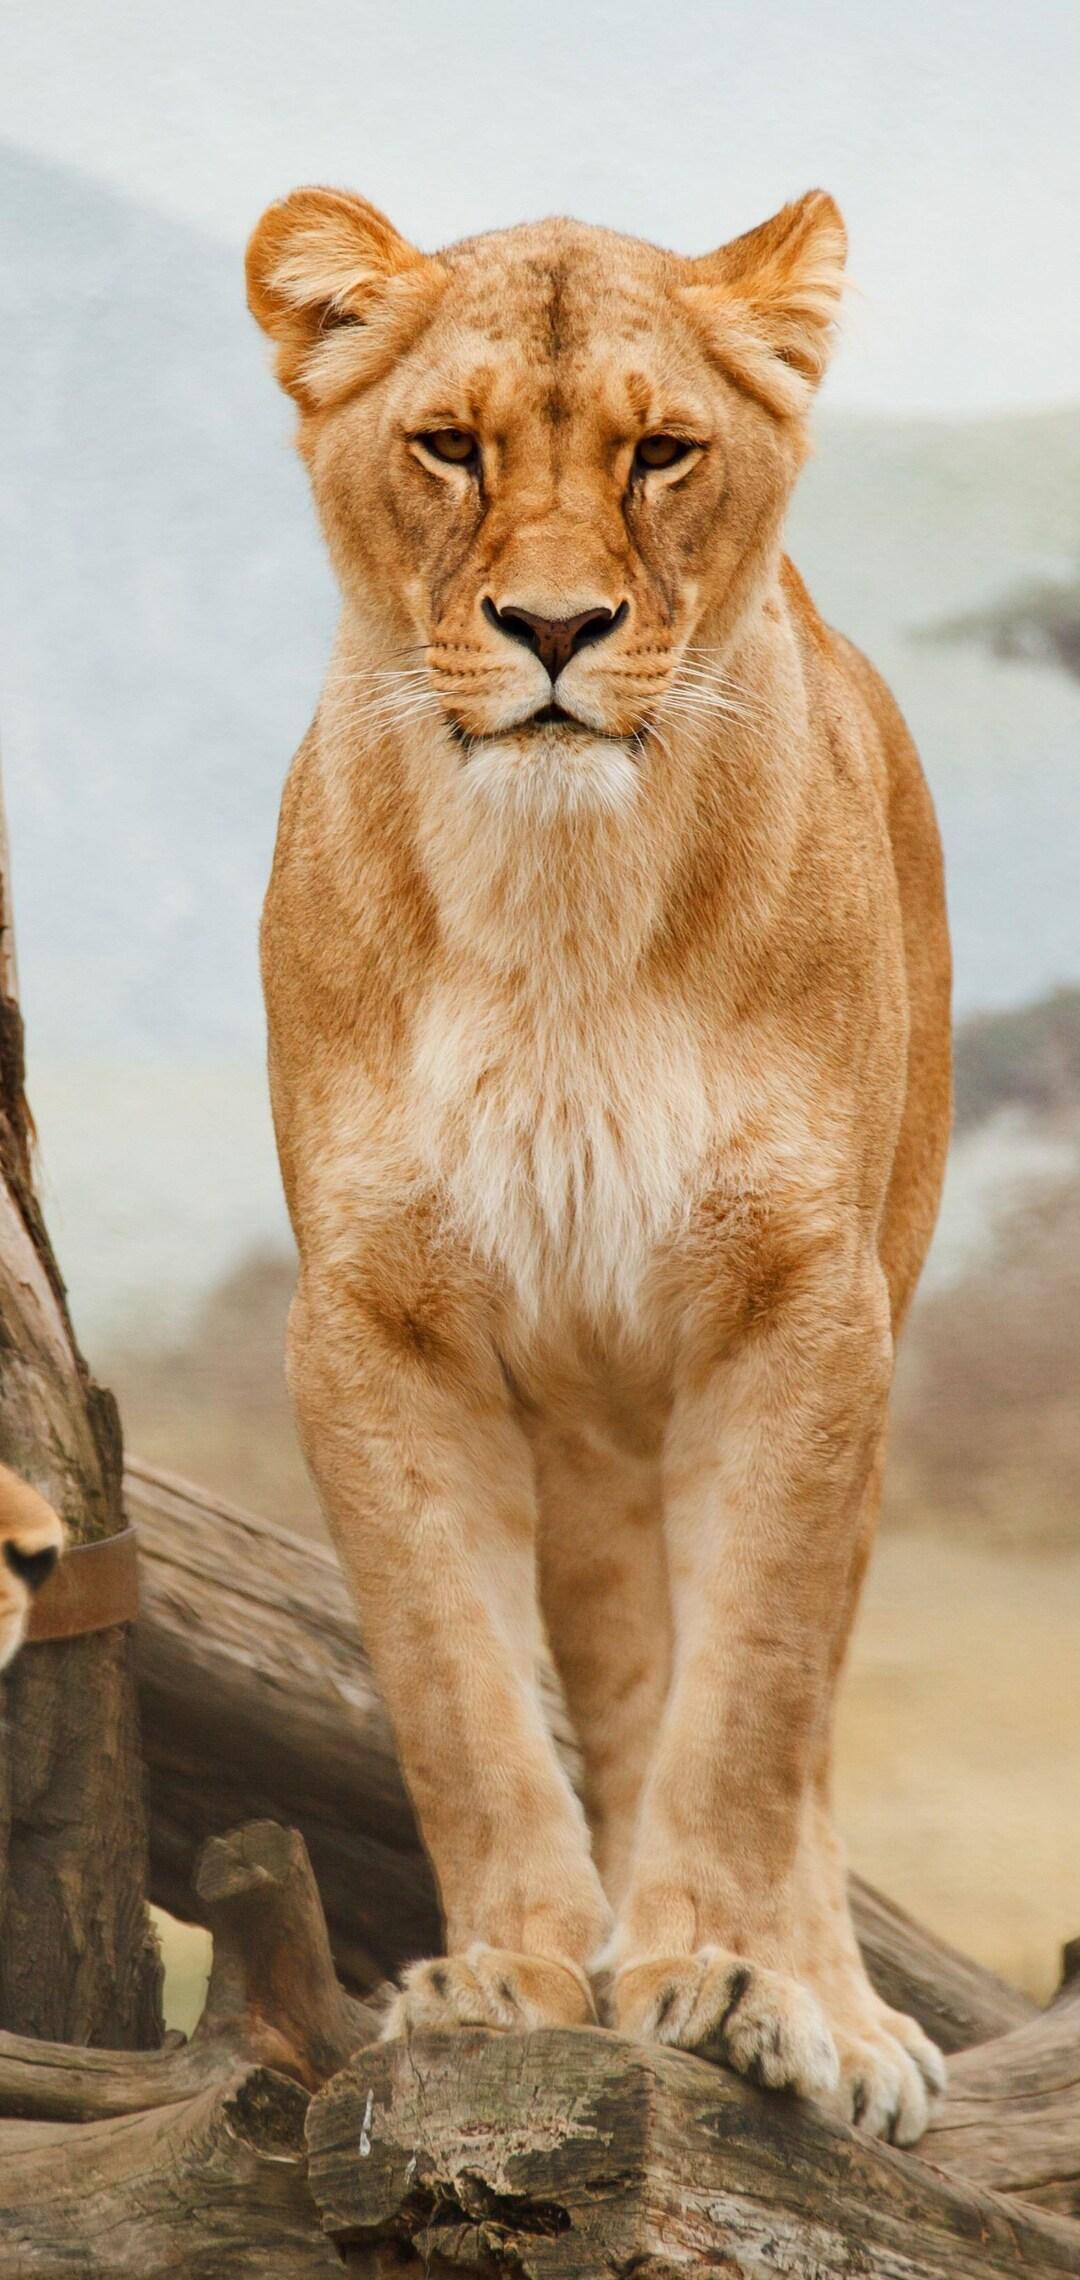 lion-5k-hd.jpg